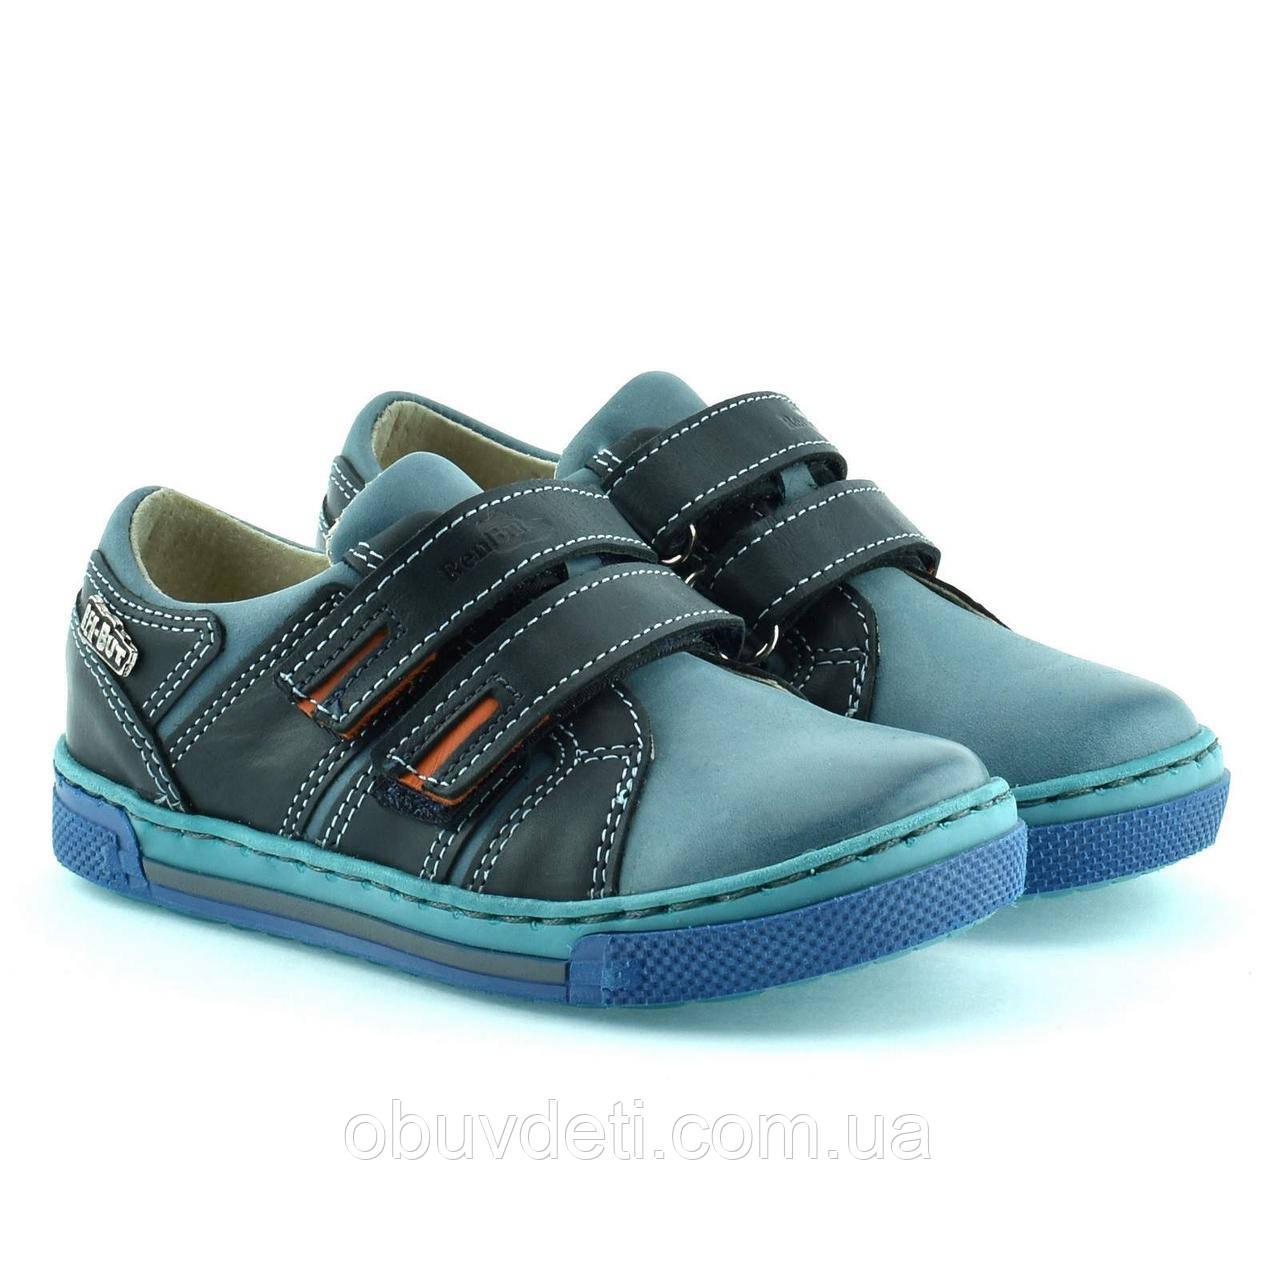 Стильные детские ботинки Renbut 28 (18,5 см) для мальчика